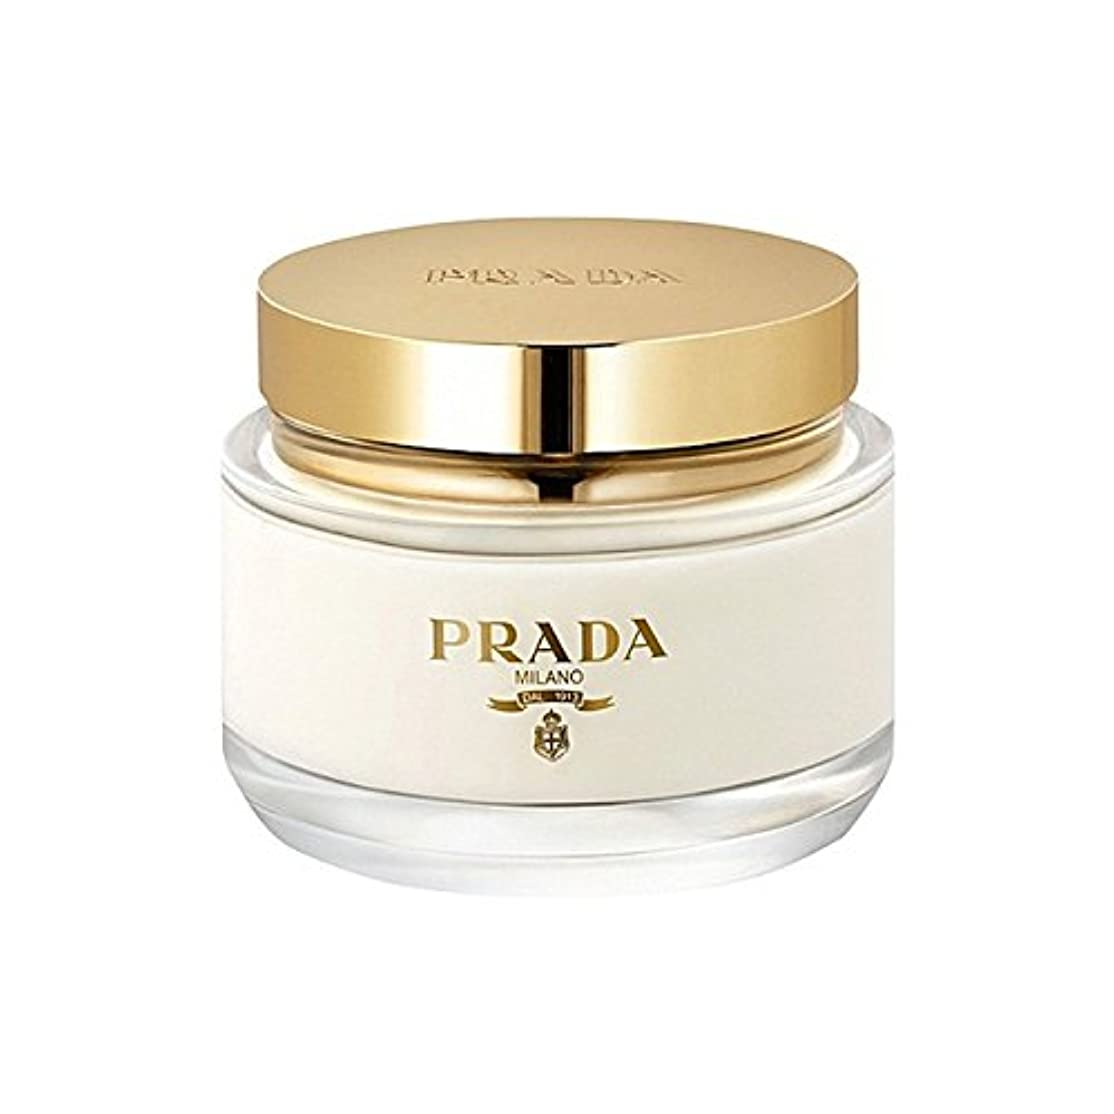 同盟シャワーレバープラダラファムボディローション200 x4 - Prada La Femme Body Lotion 200ml (Pack of 4) [並行輸入品]